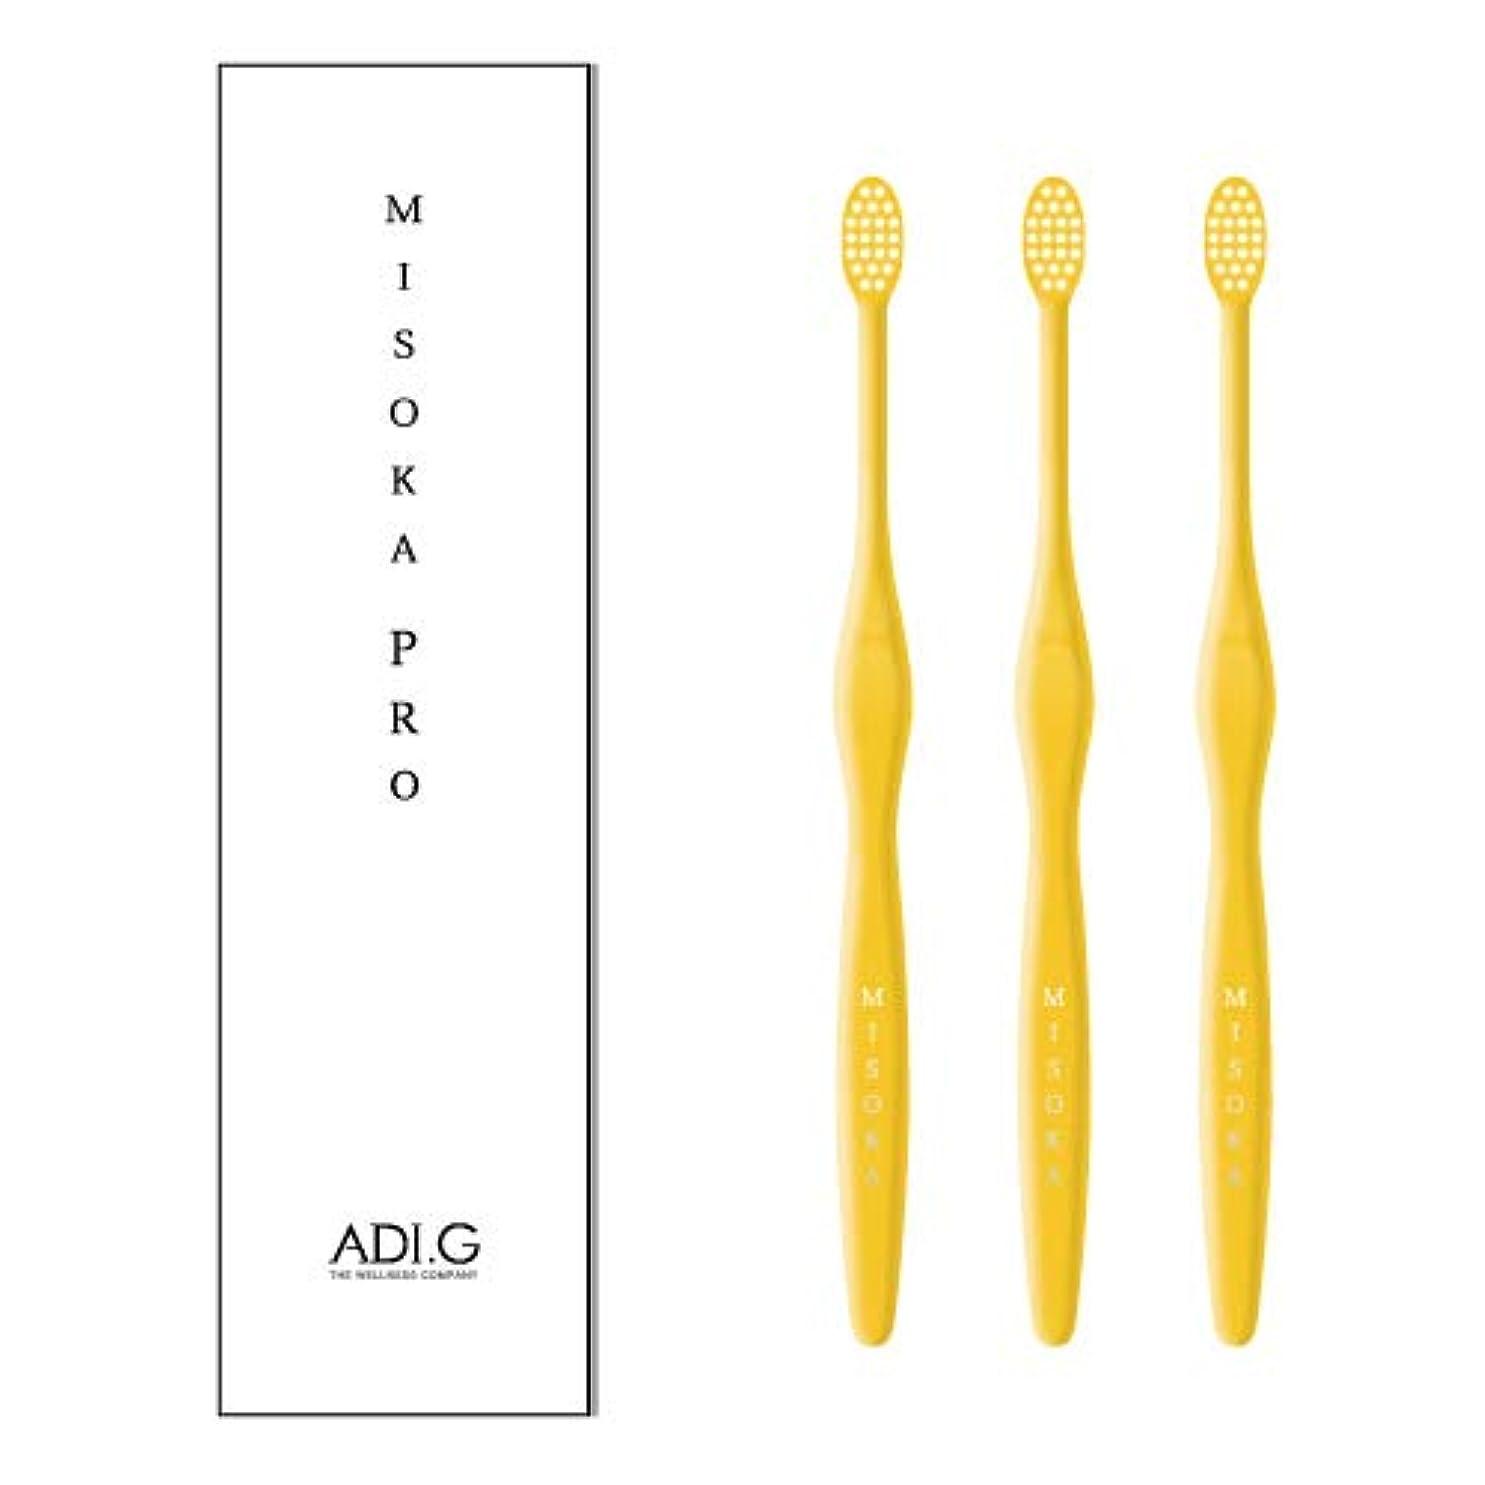 コンパス普遍的なシーンMISOKA PRO(3本セット) (黄色)